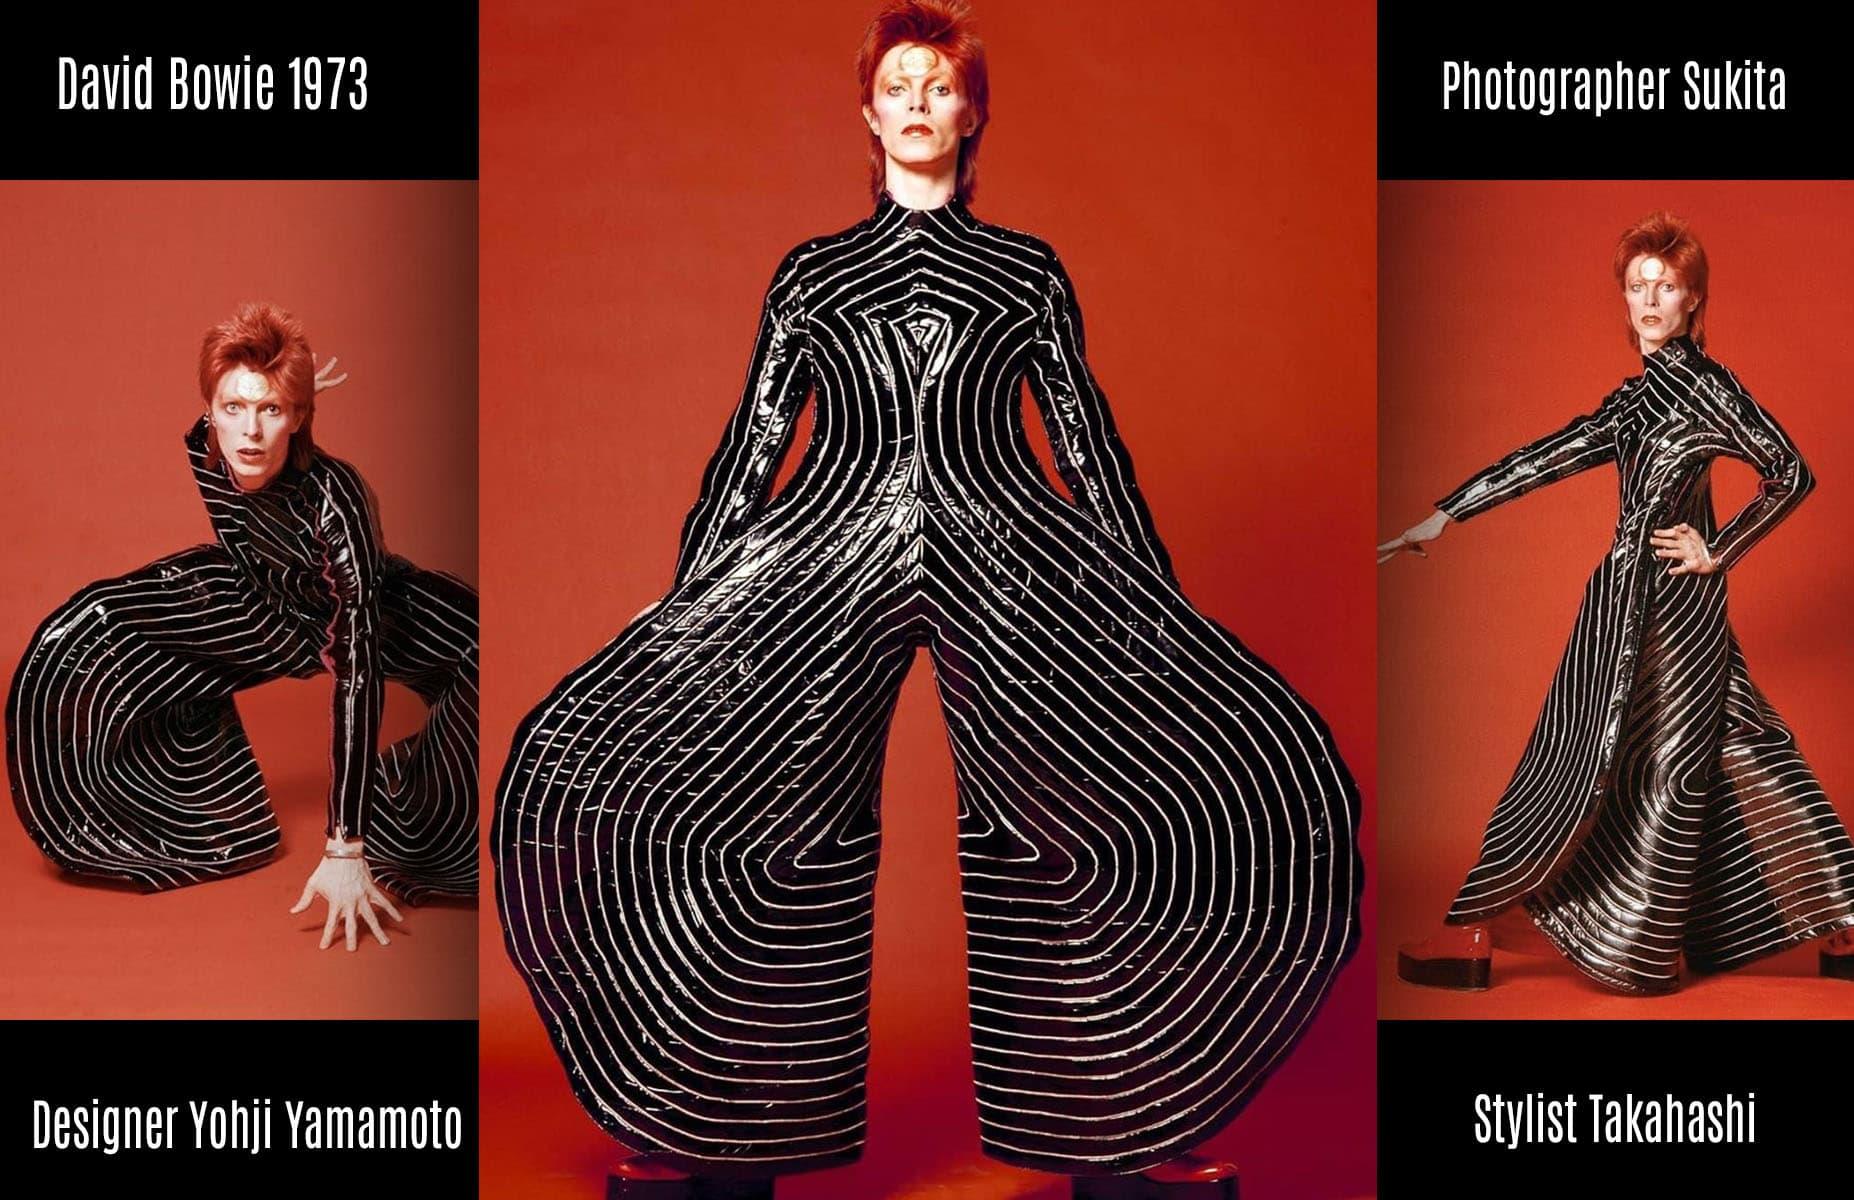 大卫·鲍伊(David Bowie)1973年–设计师山本耀司(Yohji Yamamoto),设计师高桥(Kakahashi),摄影师须田(Sukita)